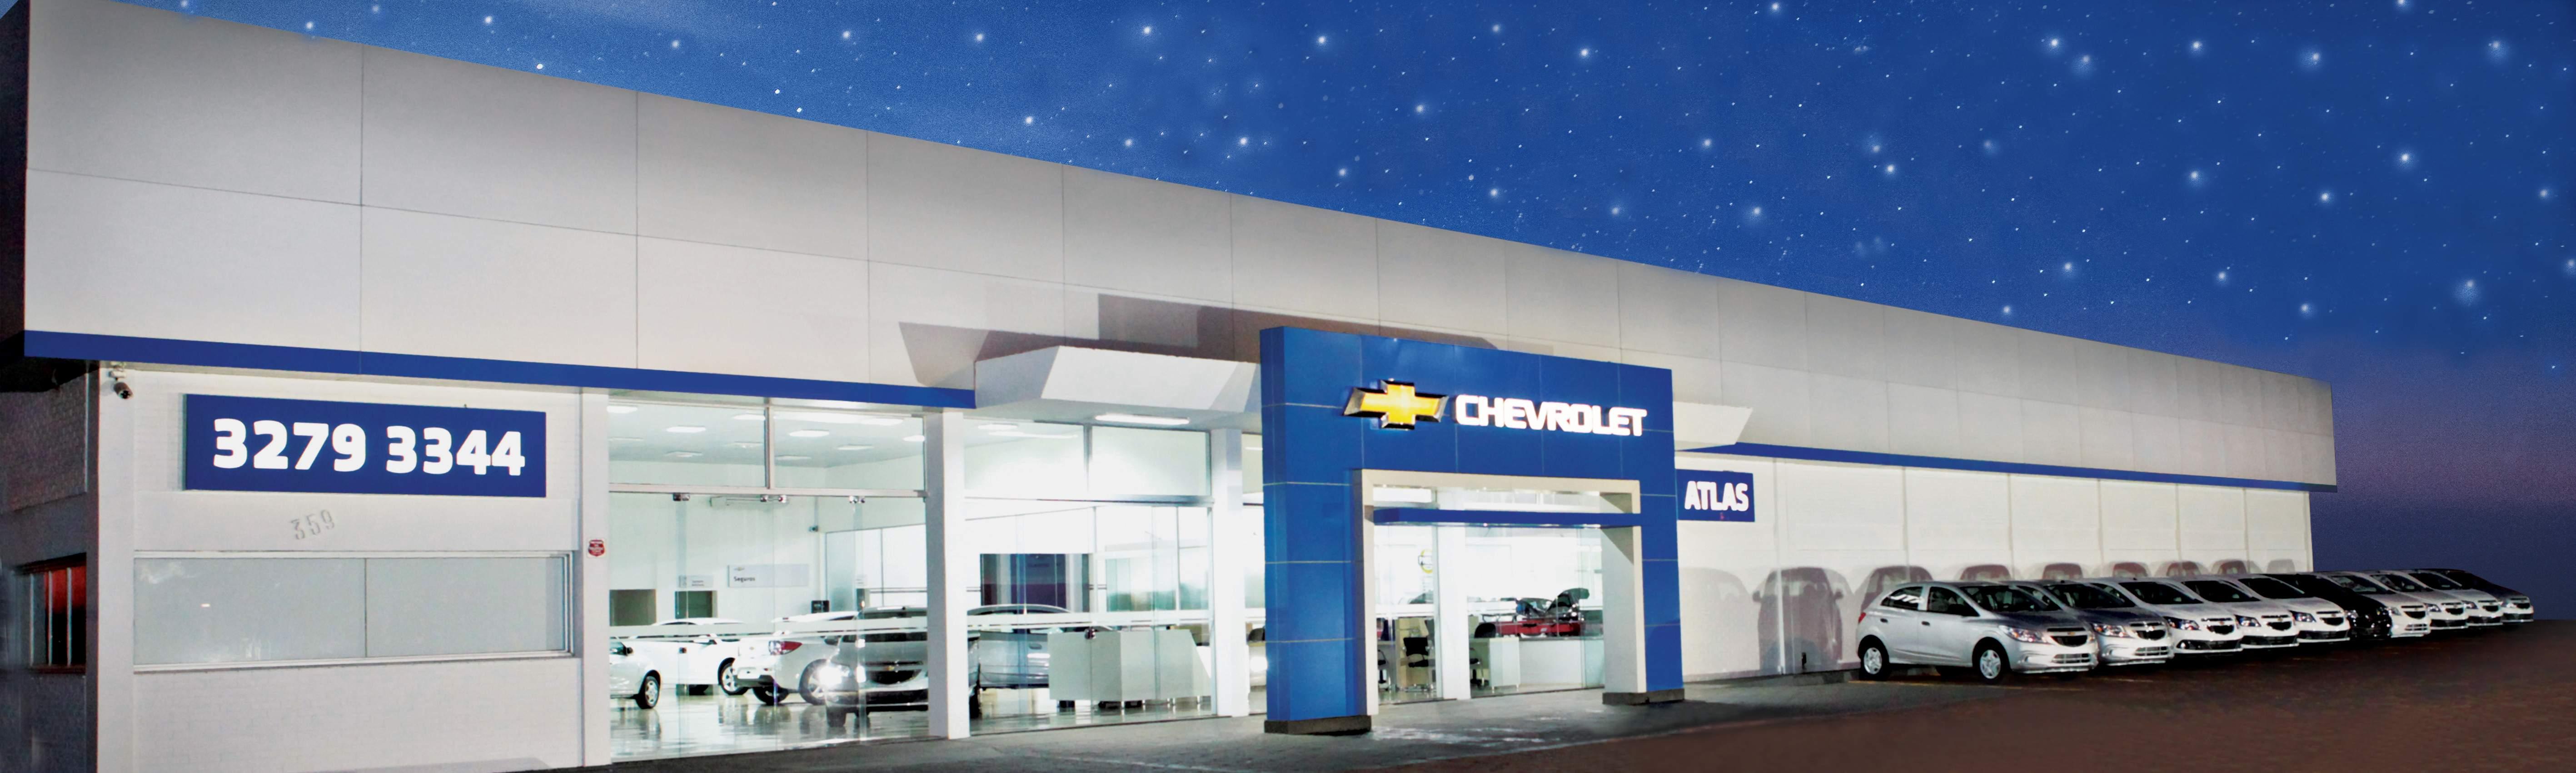 Fachada concessionária Chevrolet Atlas